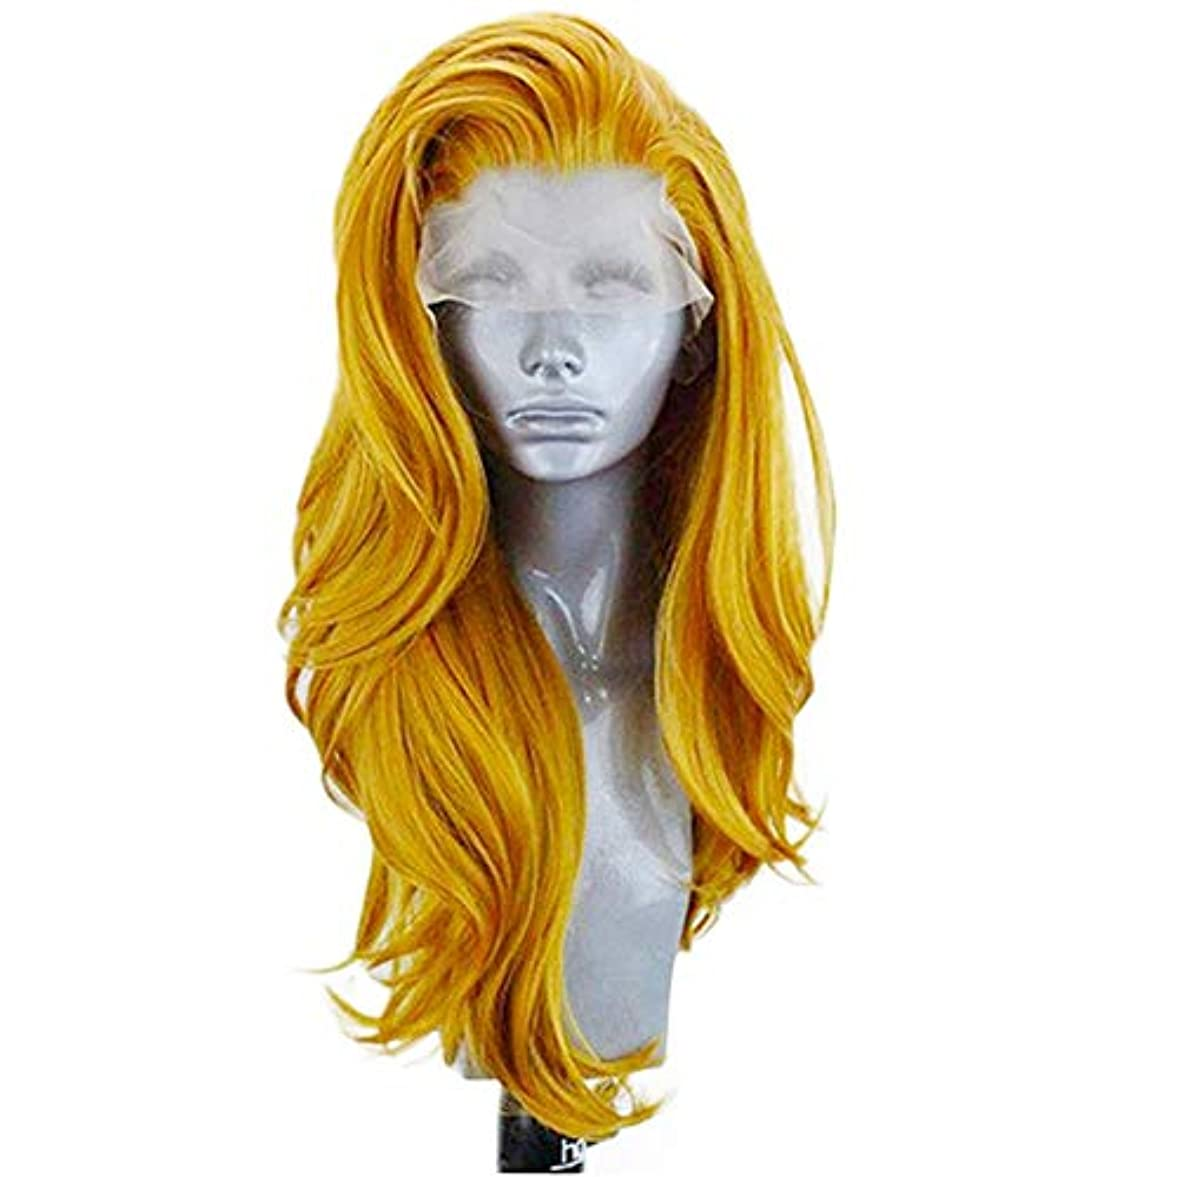 放棄エレベーターチロZXF フロントバッドシルクスクリーンヨーロッパとアメリカのファッションゴールドレディースウィッグ26インチ大波長い巻き毛の化学繊維フード高密度 美しい